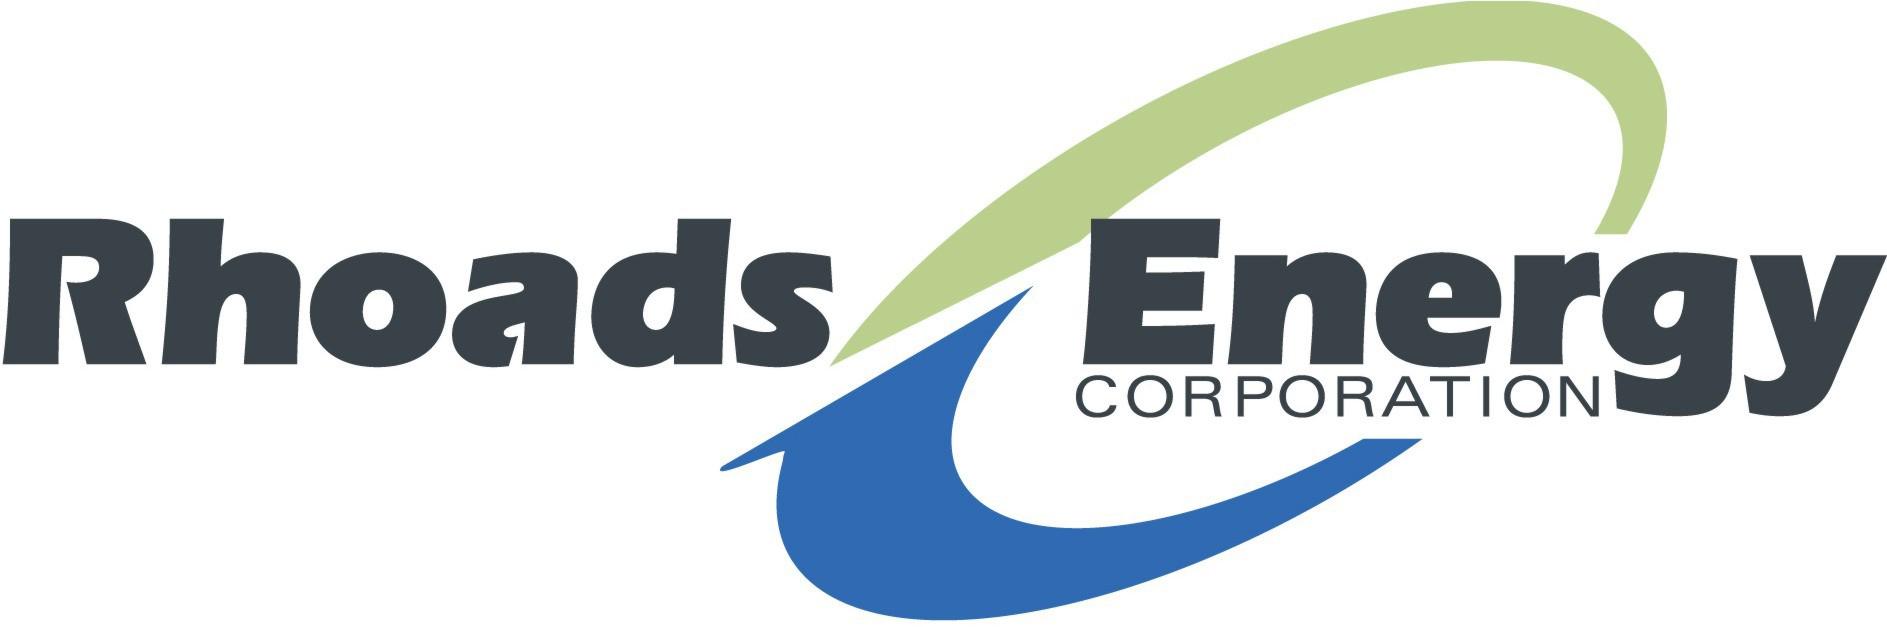 Rhodes Energy